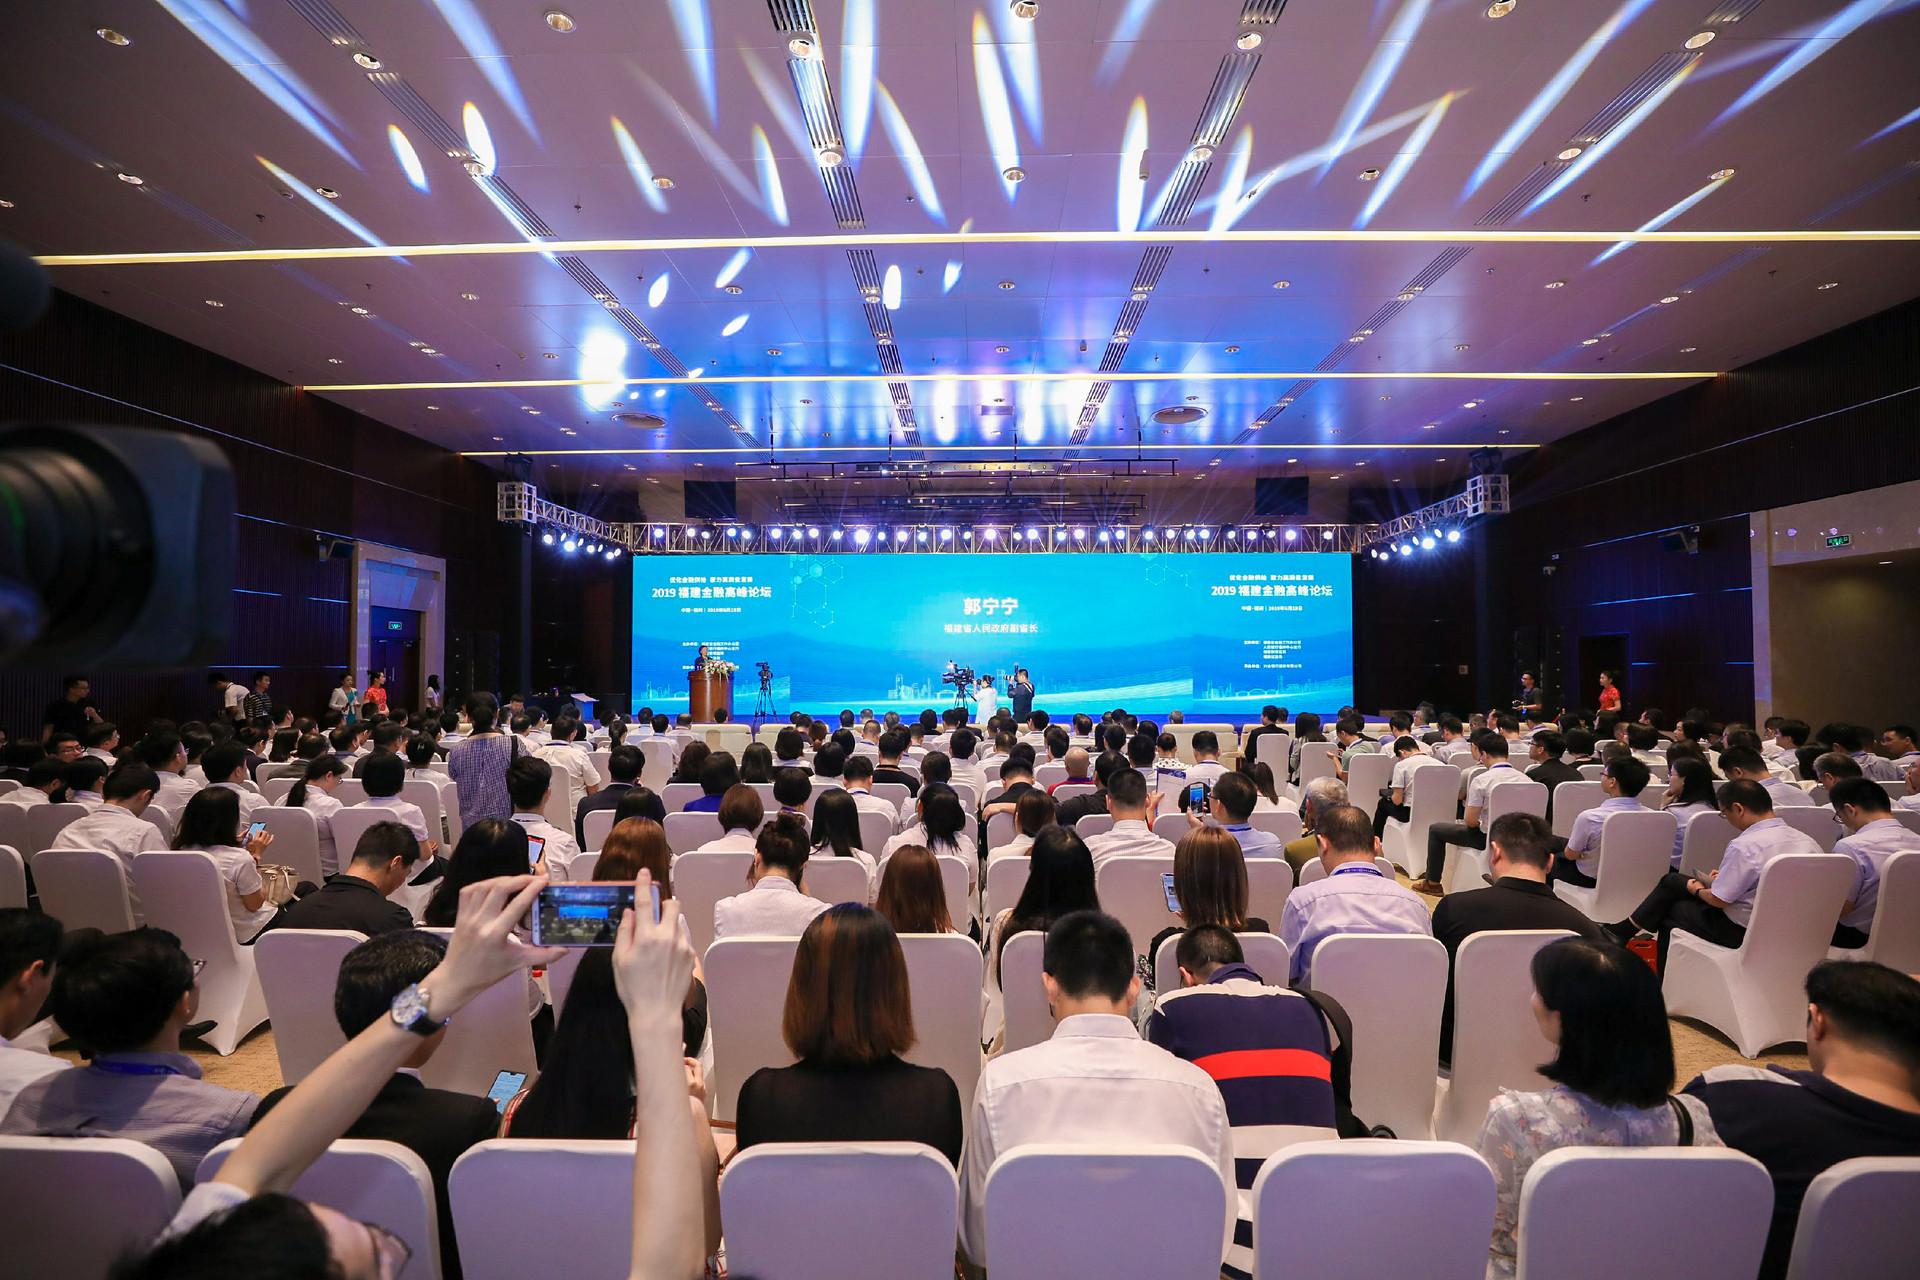 网龙首席执行官熊立博士受邀出席福建金融高峰论坛